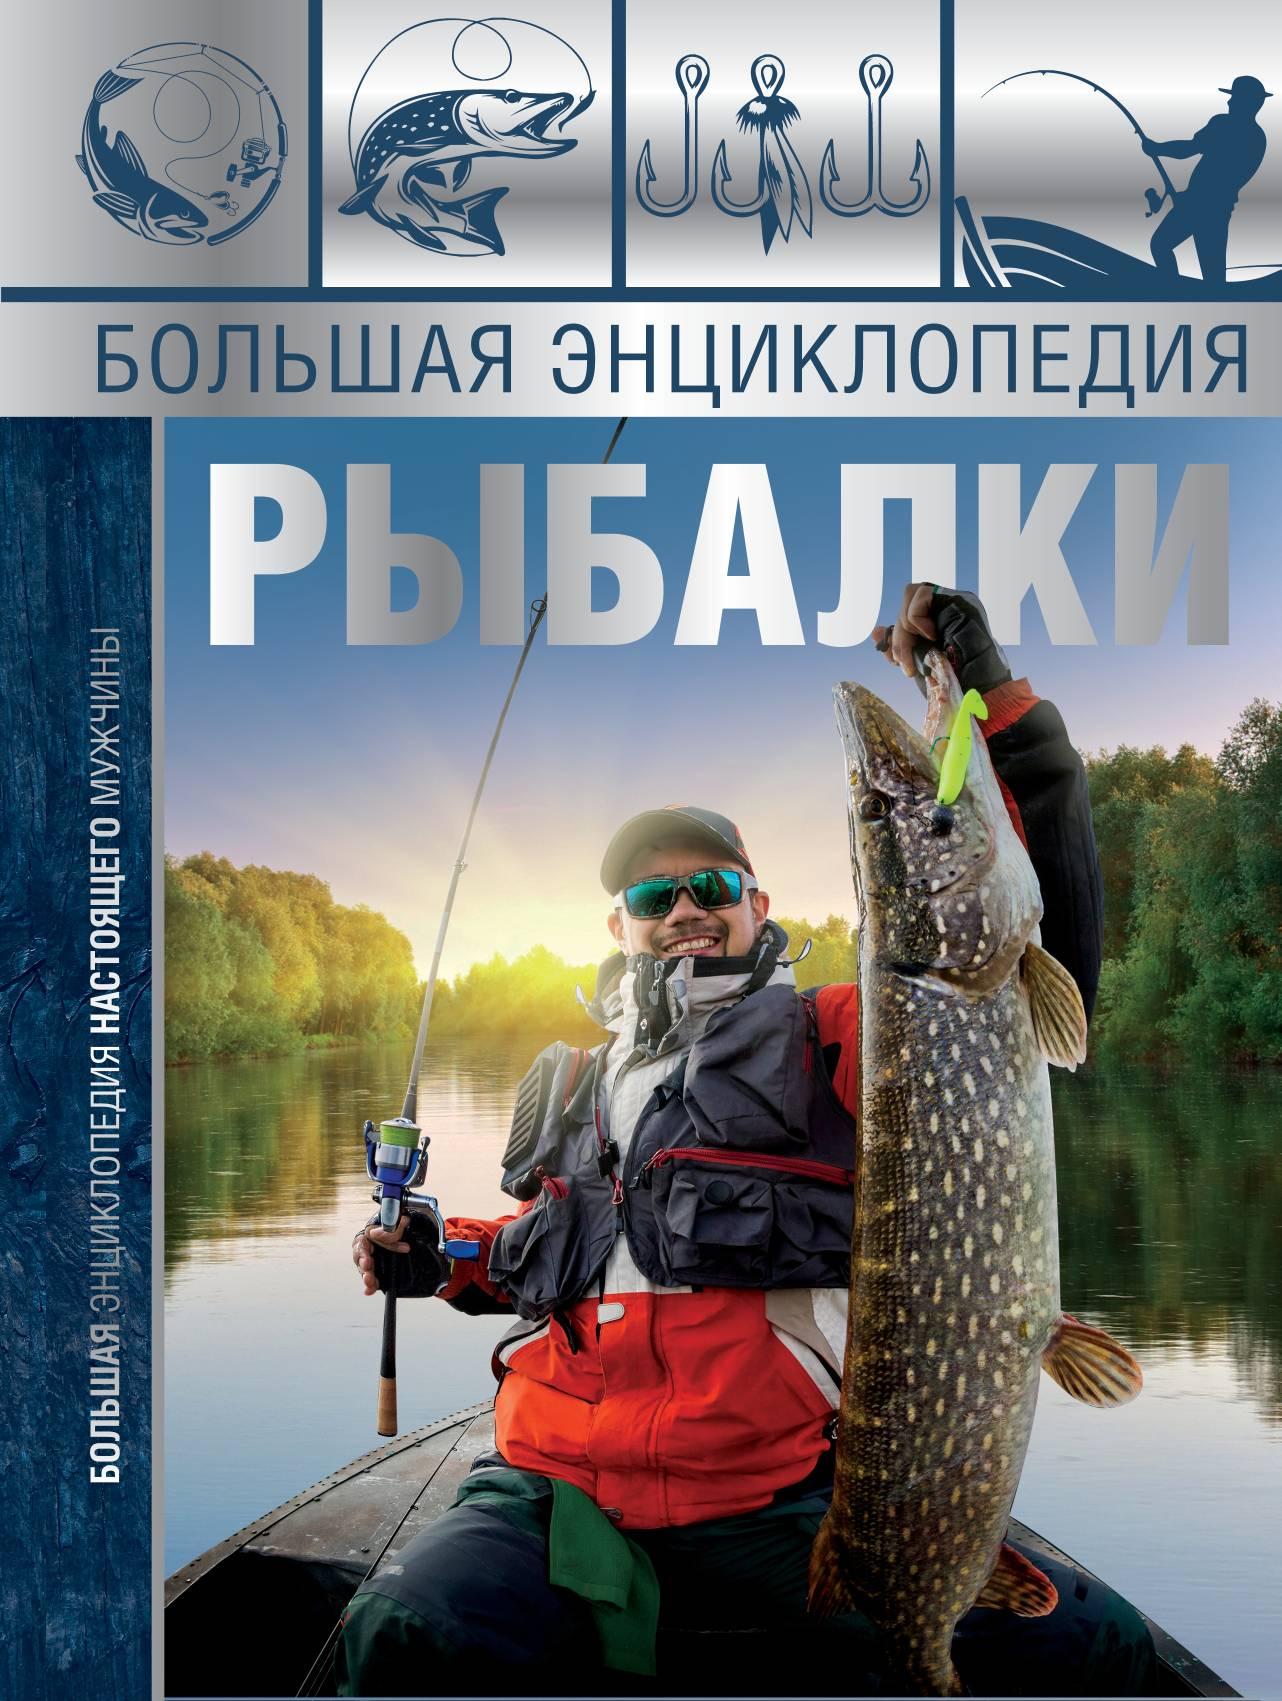 Большая энциклопедия рыбалки